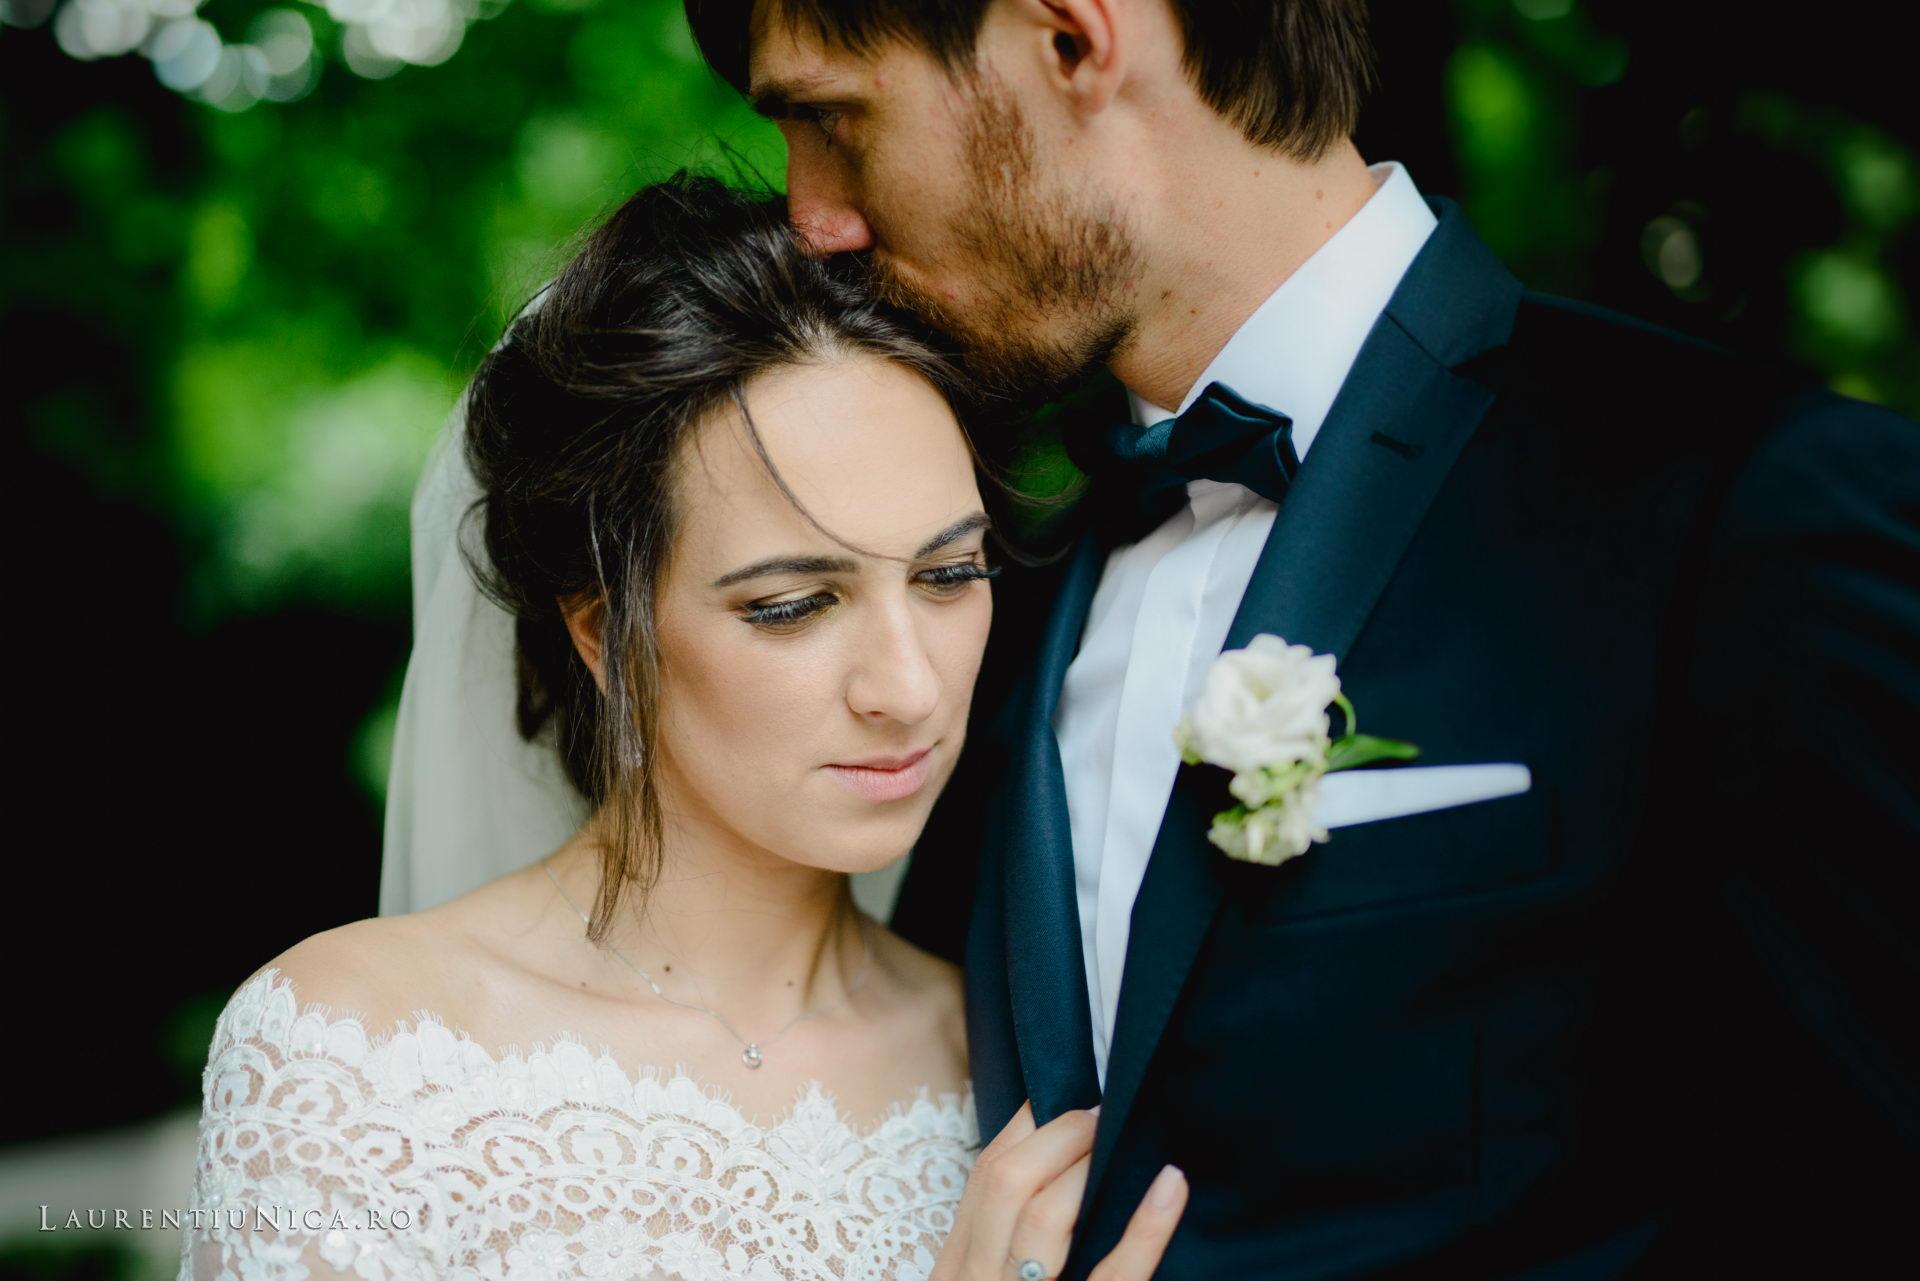 Cristina si Ovidiu nunta Craiova fotograf laurentiu nica 109 - Cristina & Ovidiu | Fotografii nunta | Craiova